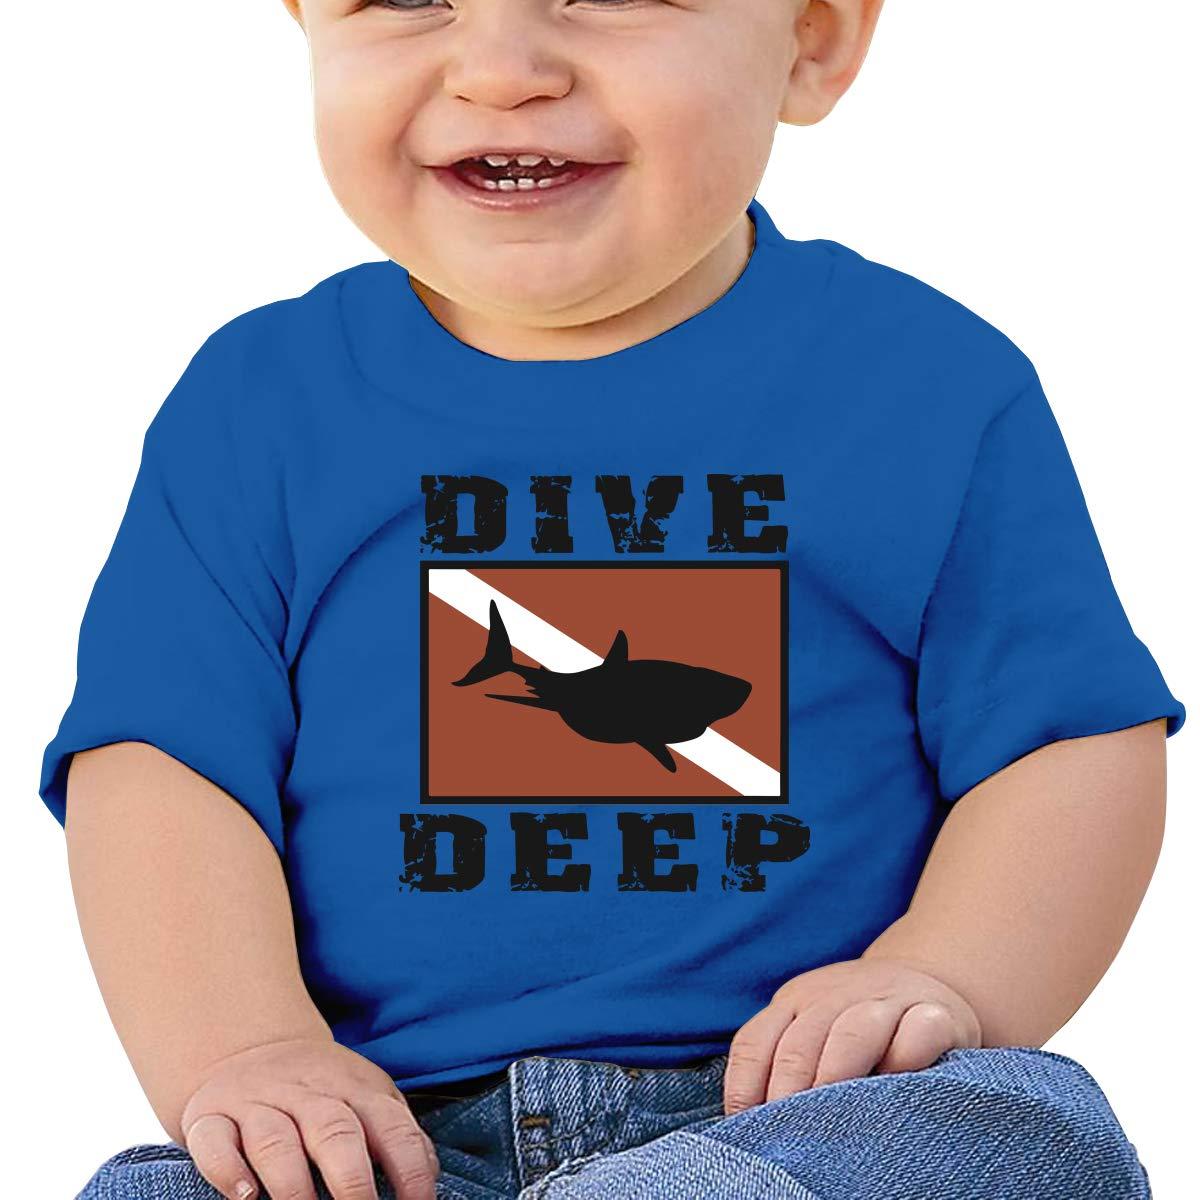 XHX403 Shark Scuba Flag Dive Deep Infant Kids T Shirt Cotton Tee Toddler Baby 6-18M